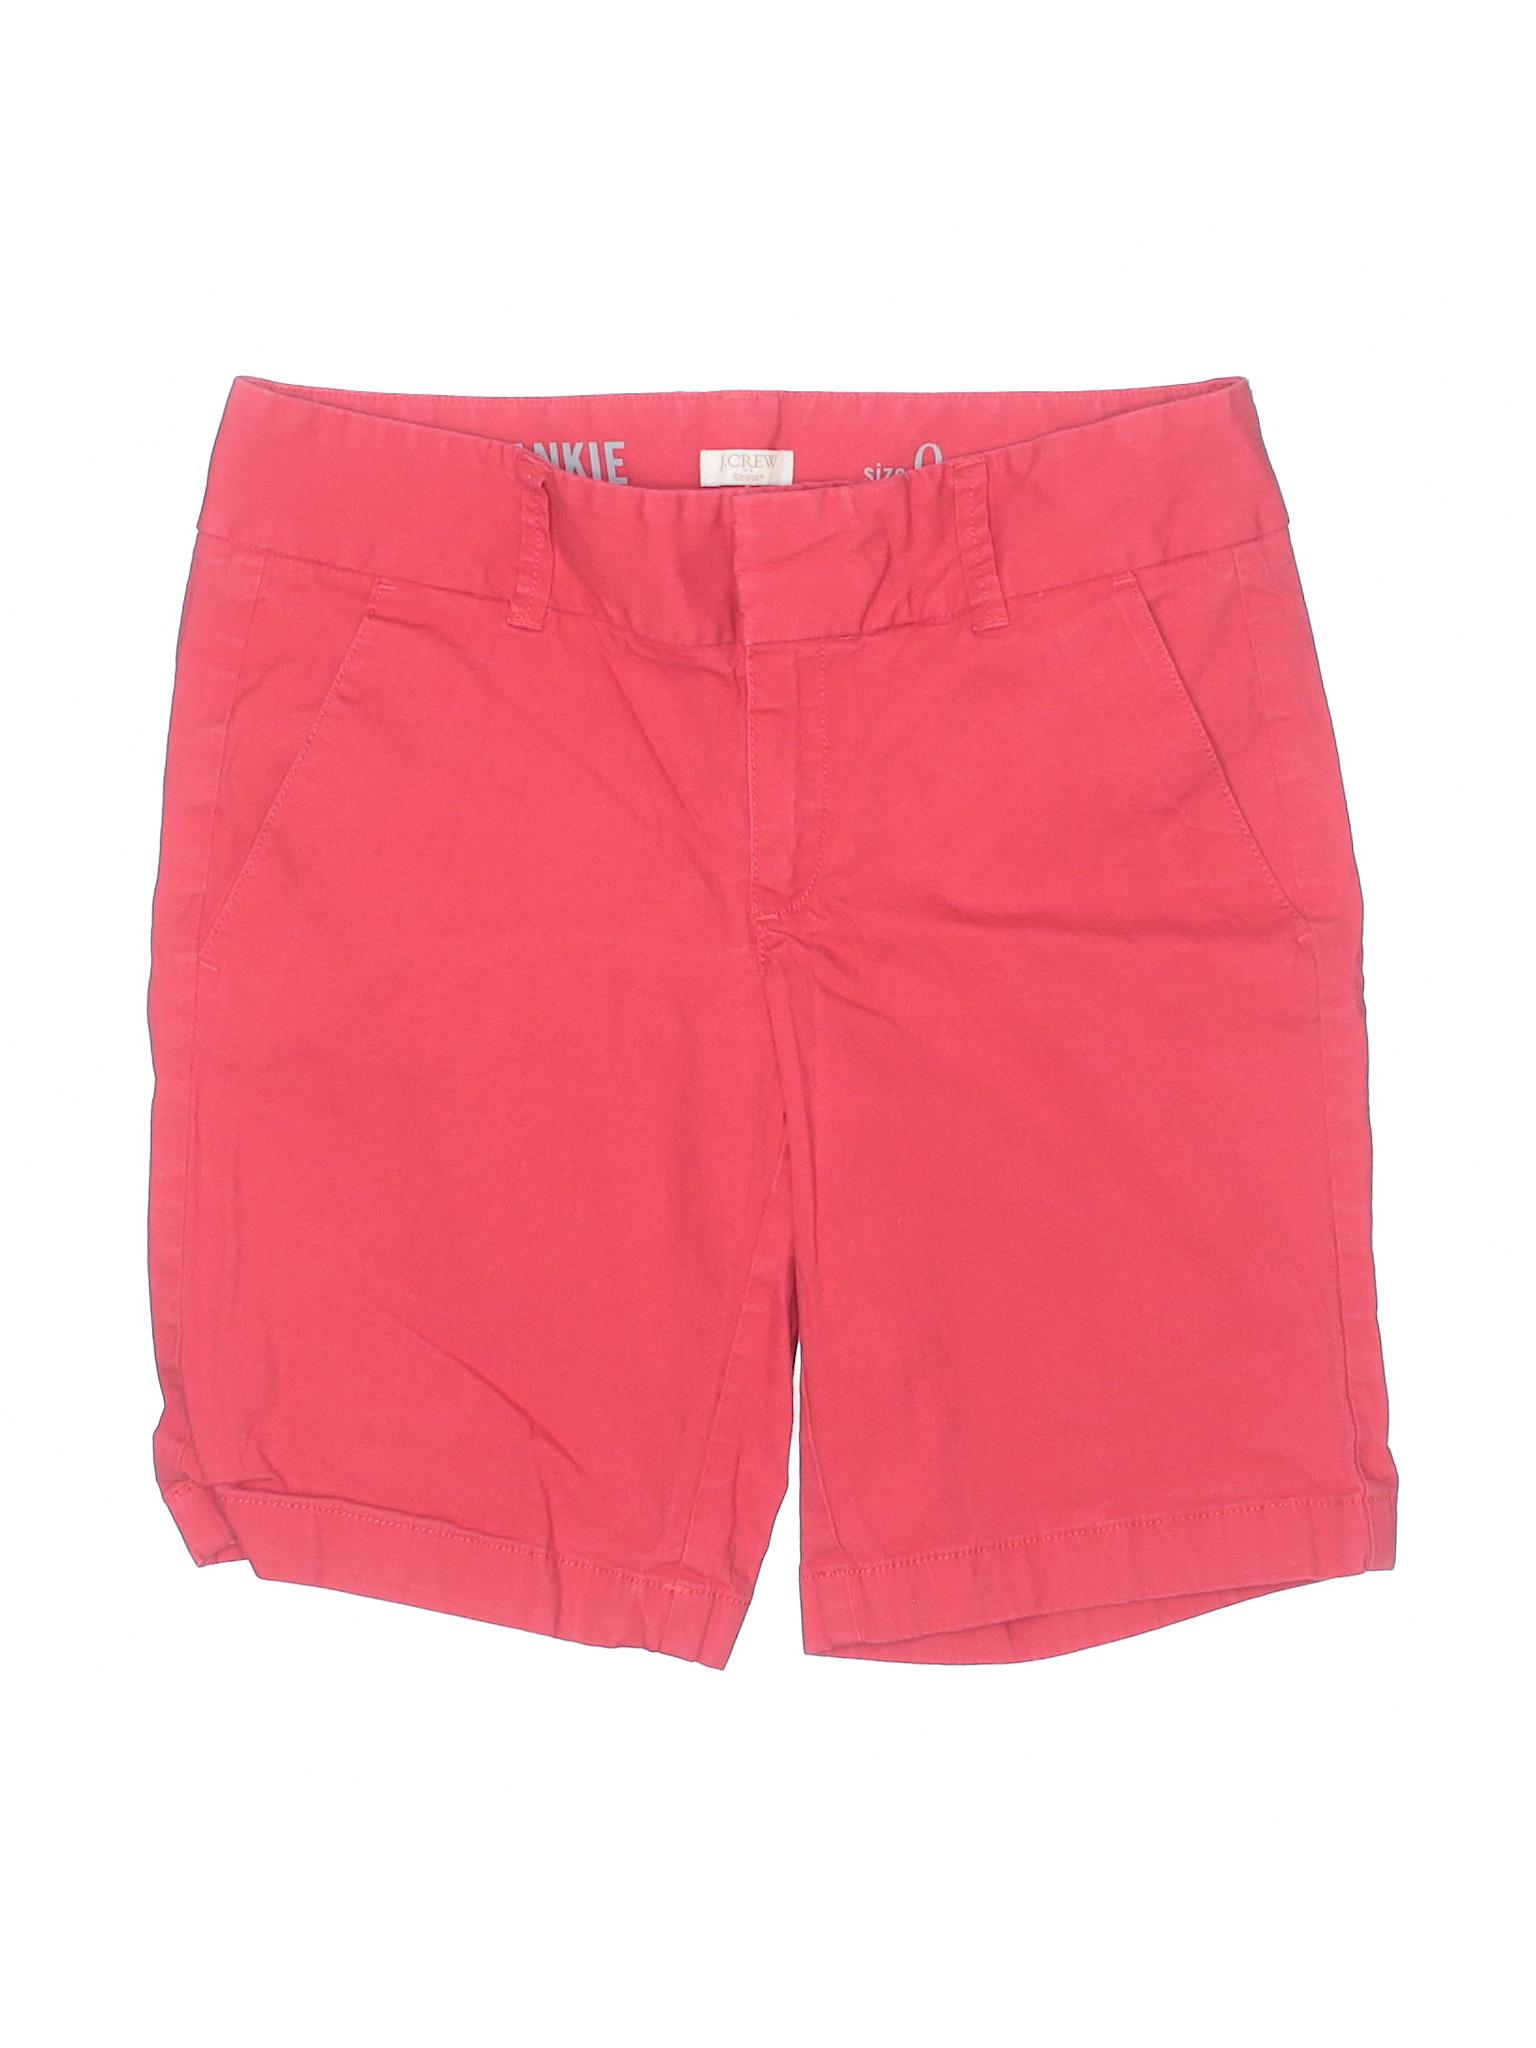 leisure Khaki J Boutique Shorts Crew qZYwa